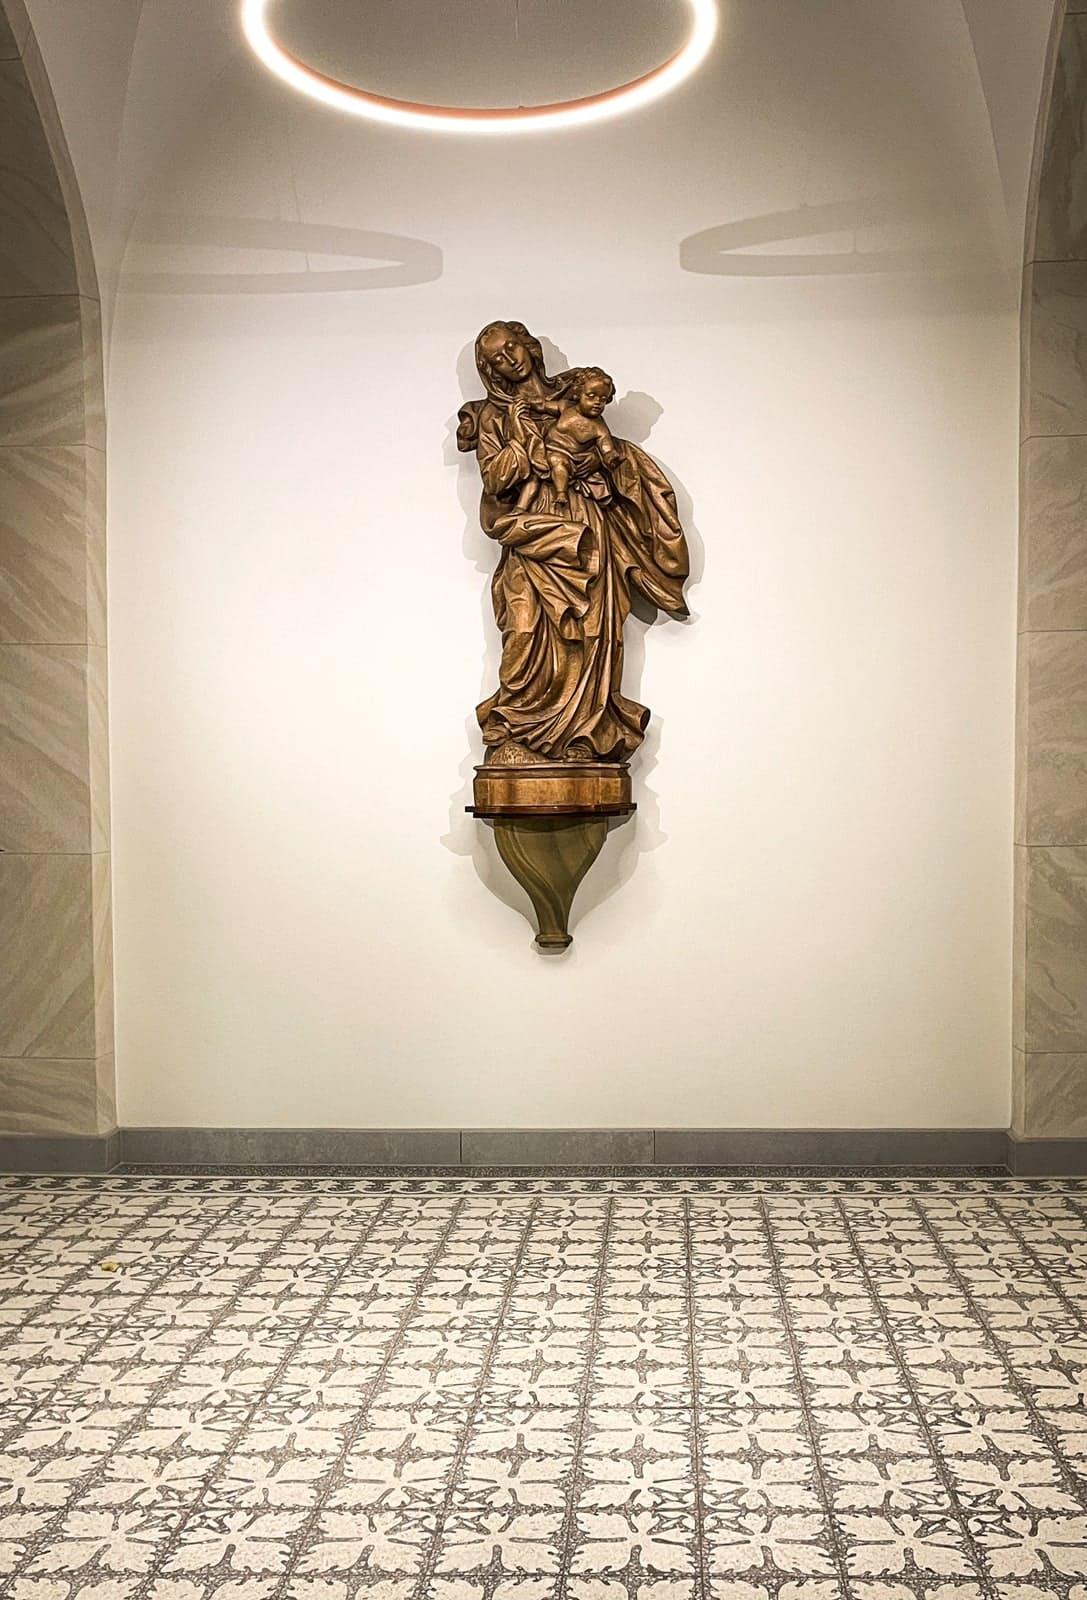 zementfliesen-terrazzofliesen-kreidefarbe-terrazzo-fugenlos-nr.911254-viaplatten-kloster | 911254